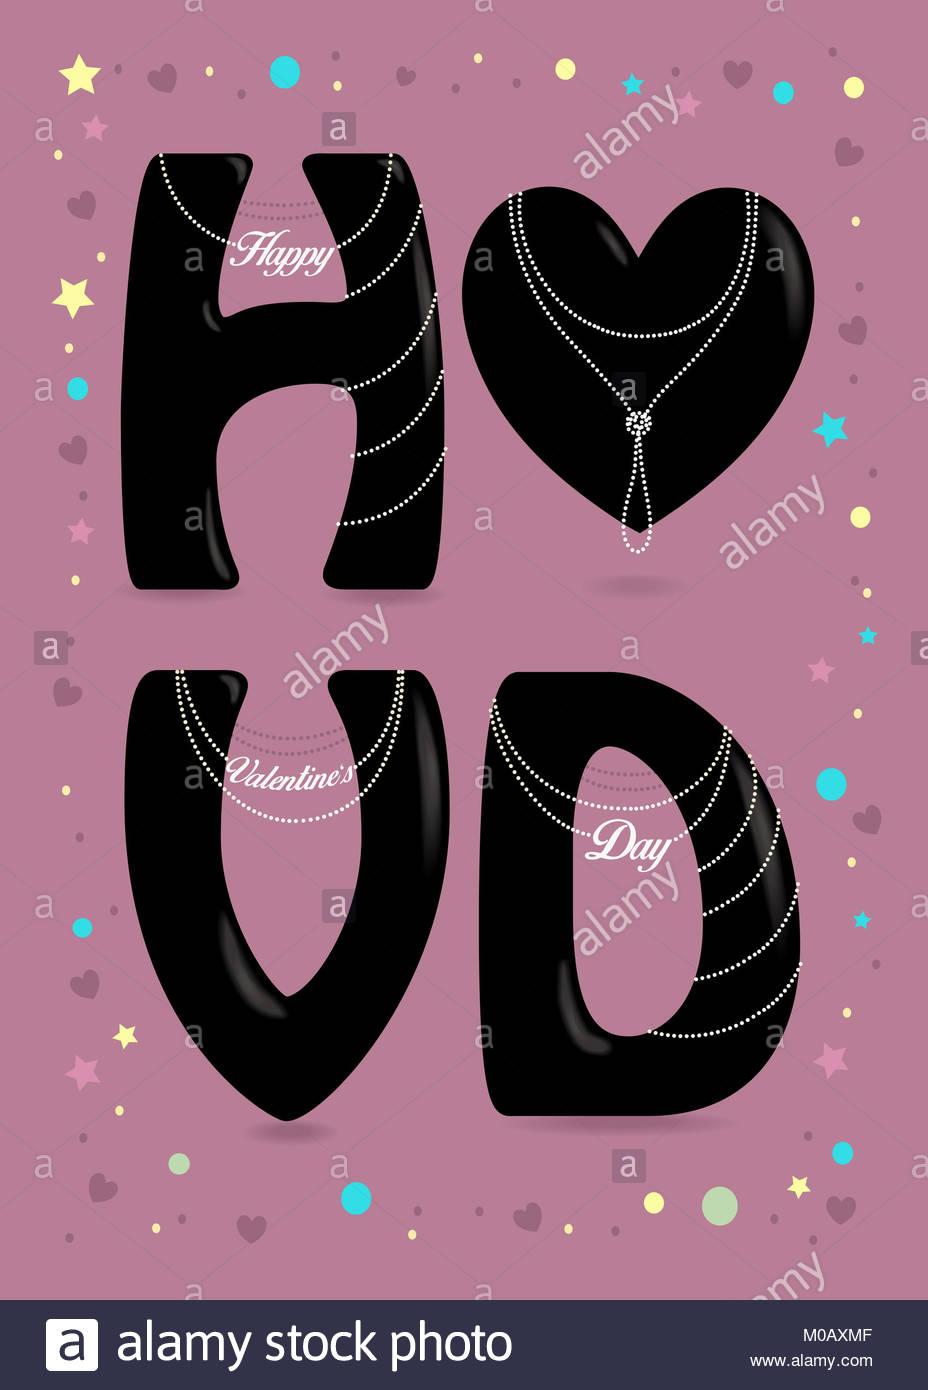 Feliz Día de San Valentín. Gran corazón negro y letras - H, V y D ...